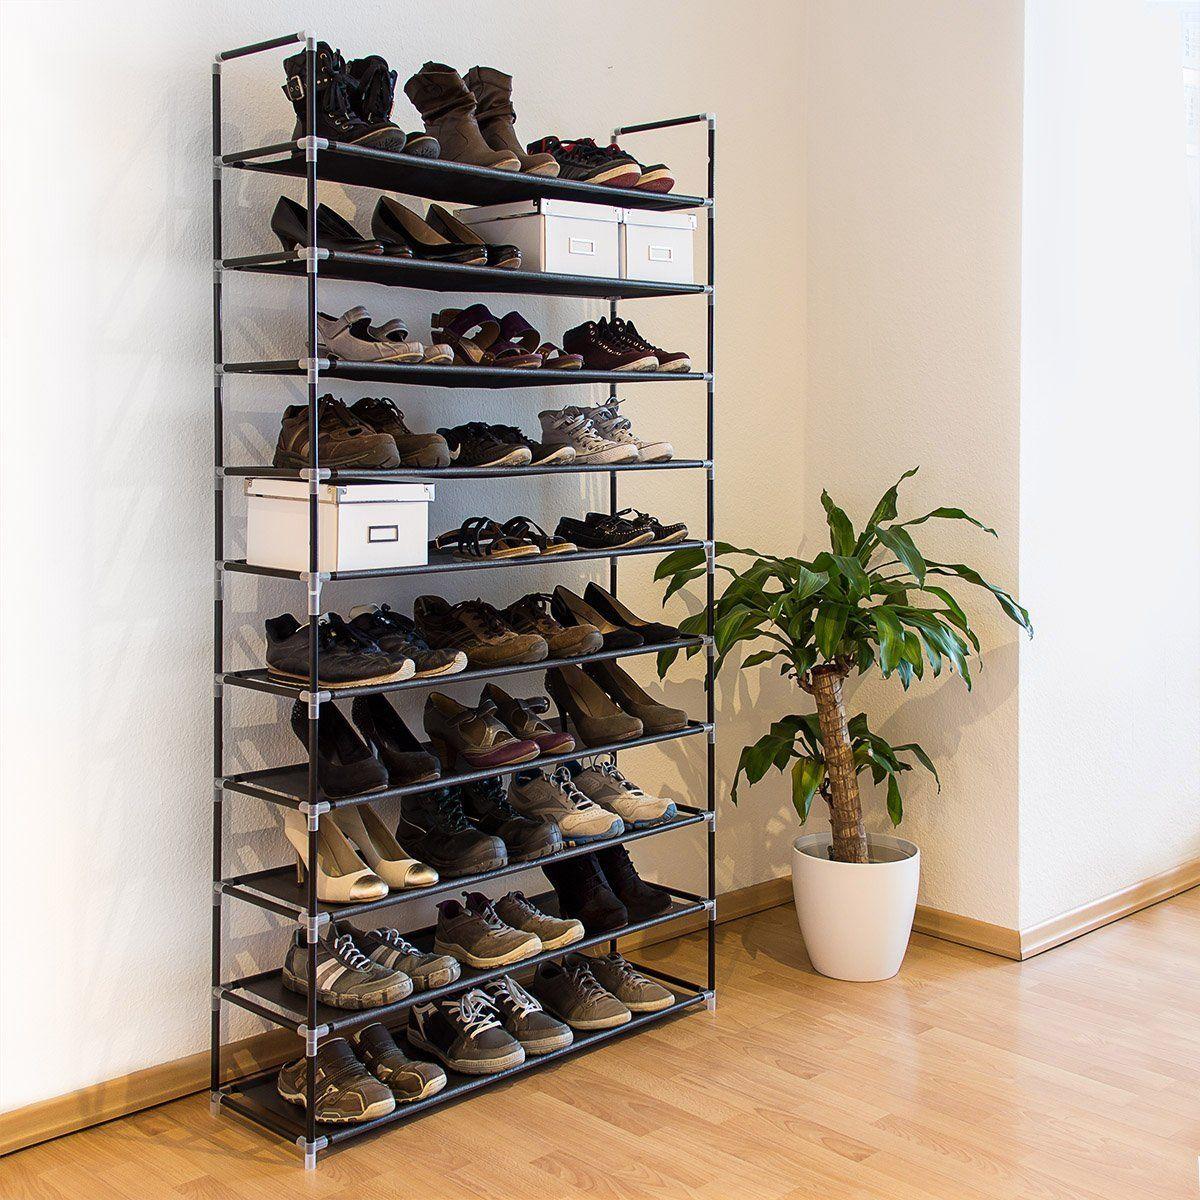 Schuhregal 50 Paar Schuhe.Relaxdays Schuhregal Xxl H X B X T Ca 175 5 X 100 X 29 Cm